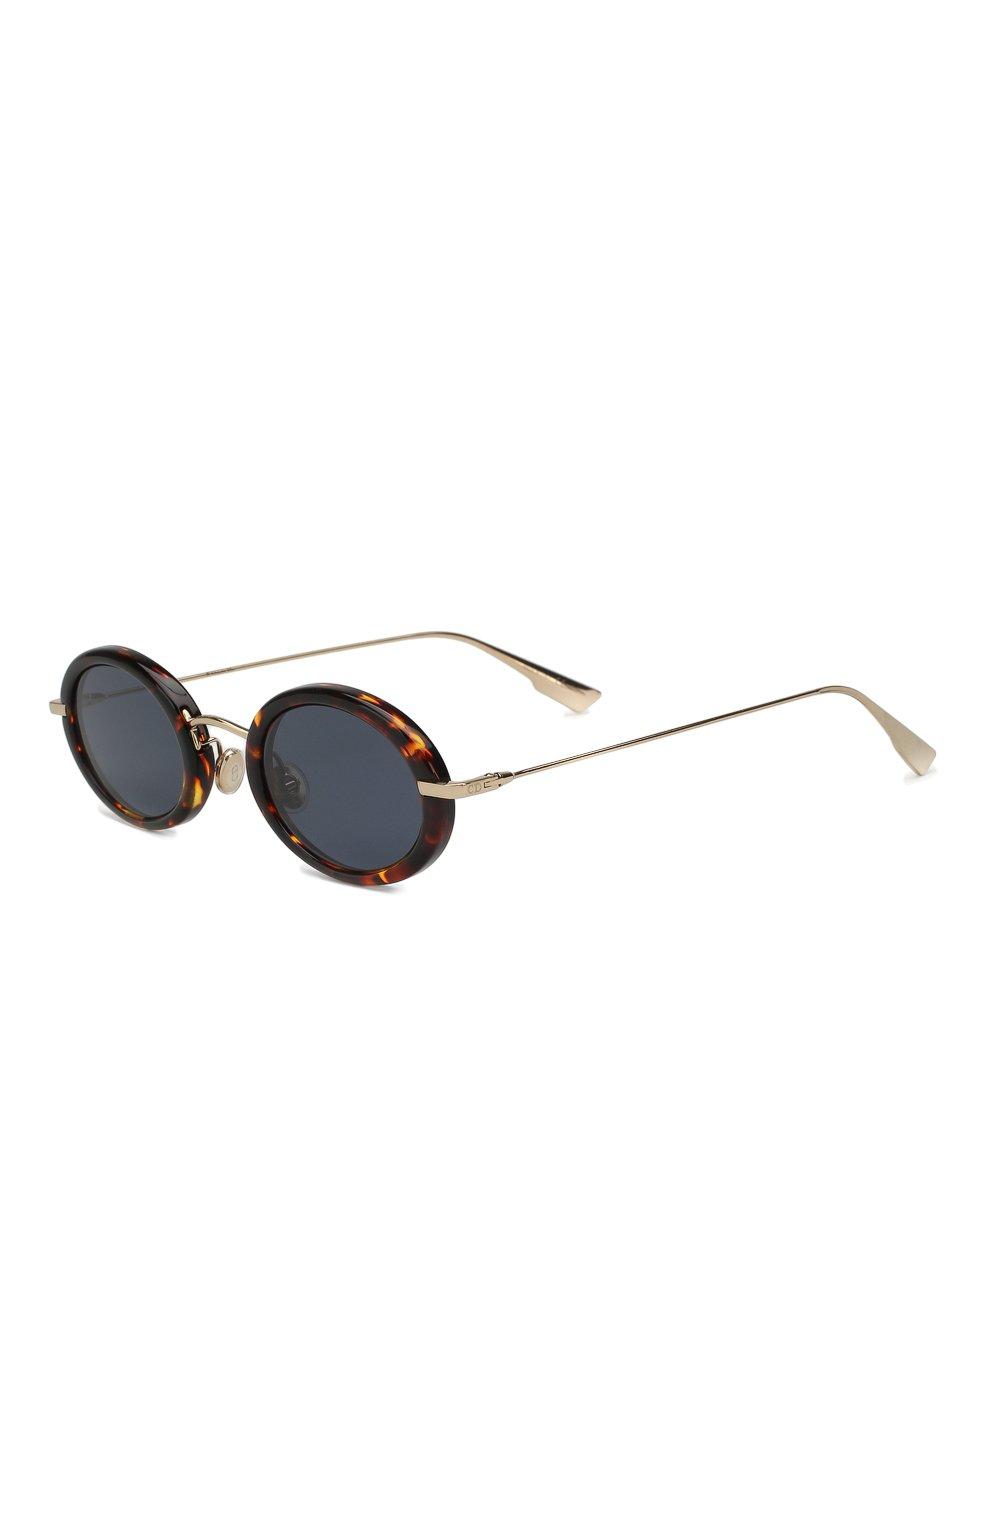 87254d3e26841 Женские коричневые солнцезащитные очки DIOR — купить за 24800 руб. в ...